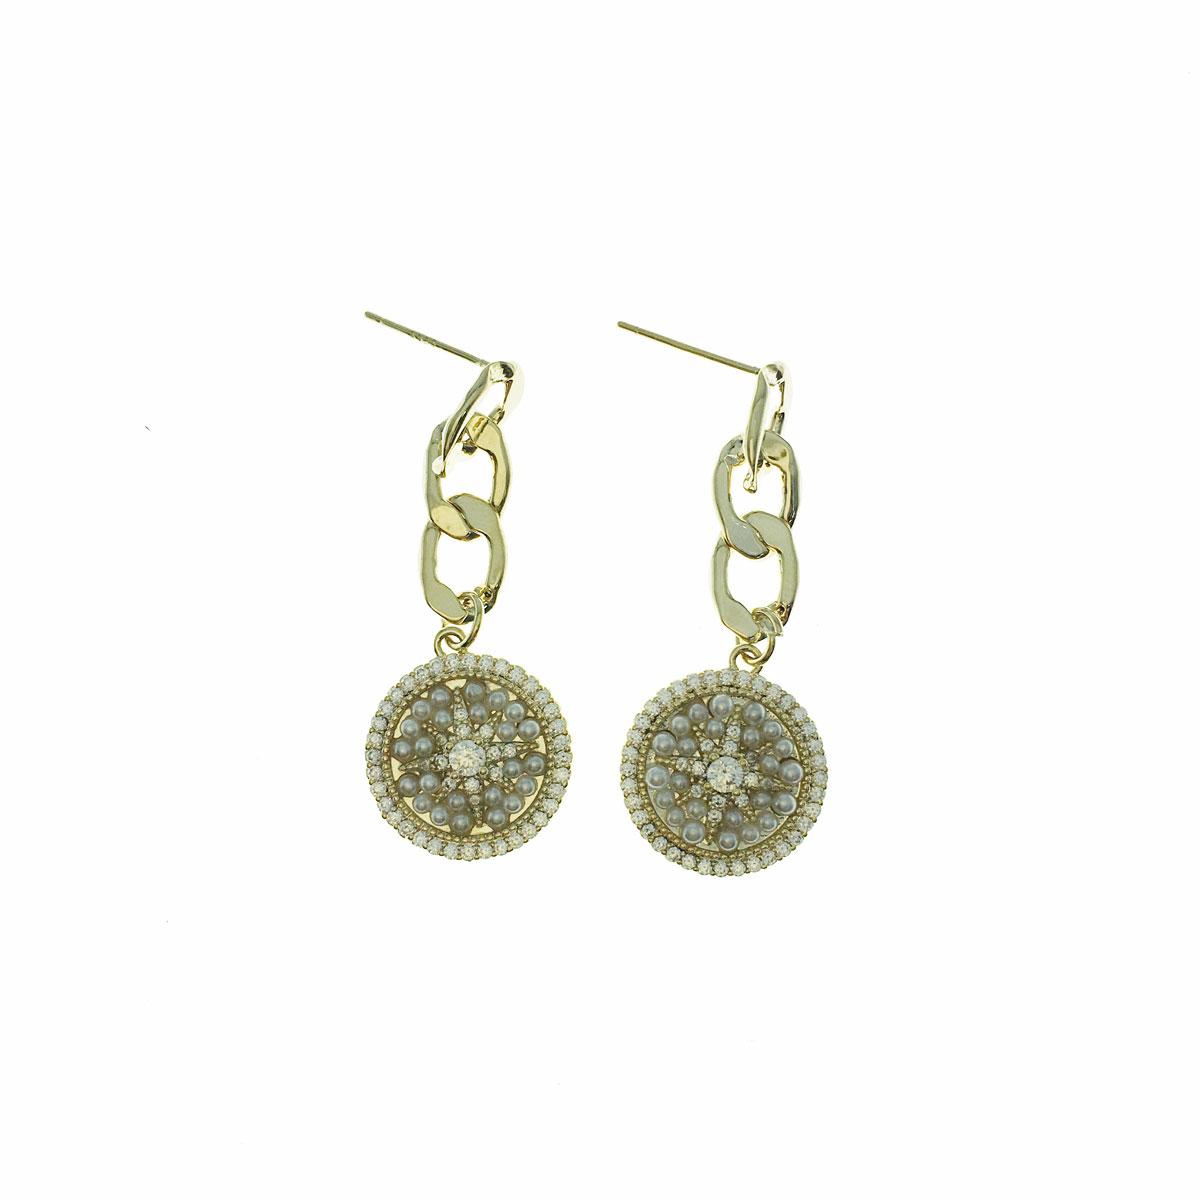 韓國 925純銀 水鑽 珍珠 簍空 垂墜感 耳針式 耳環